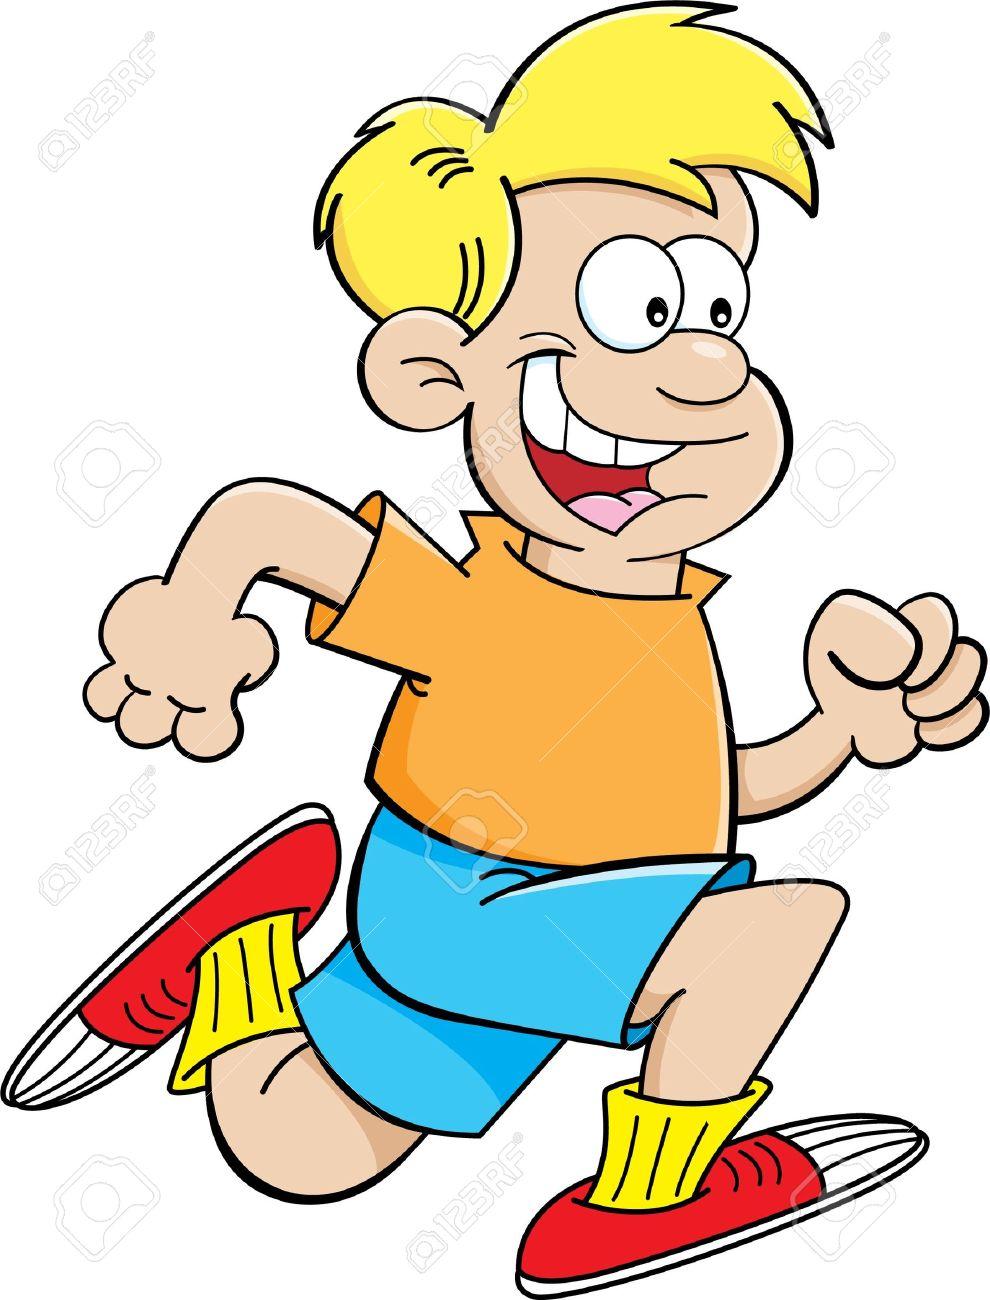 Cartoon illustration of a boy running Stock Vector - 20015847